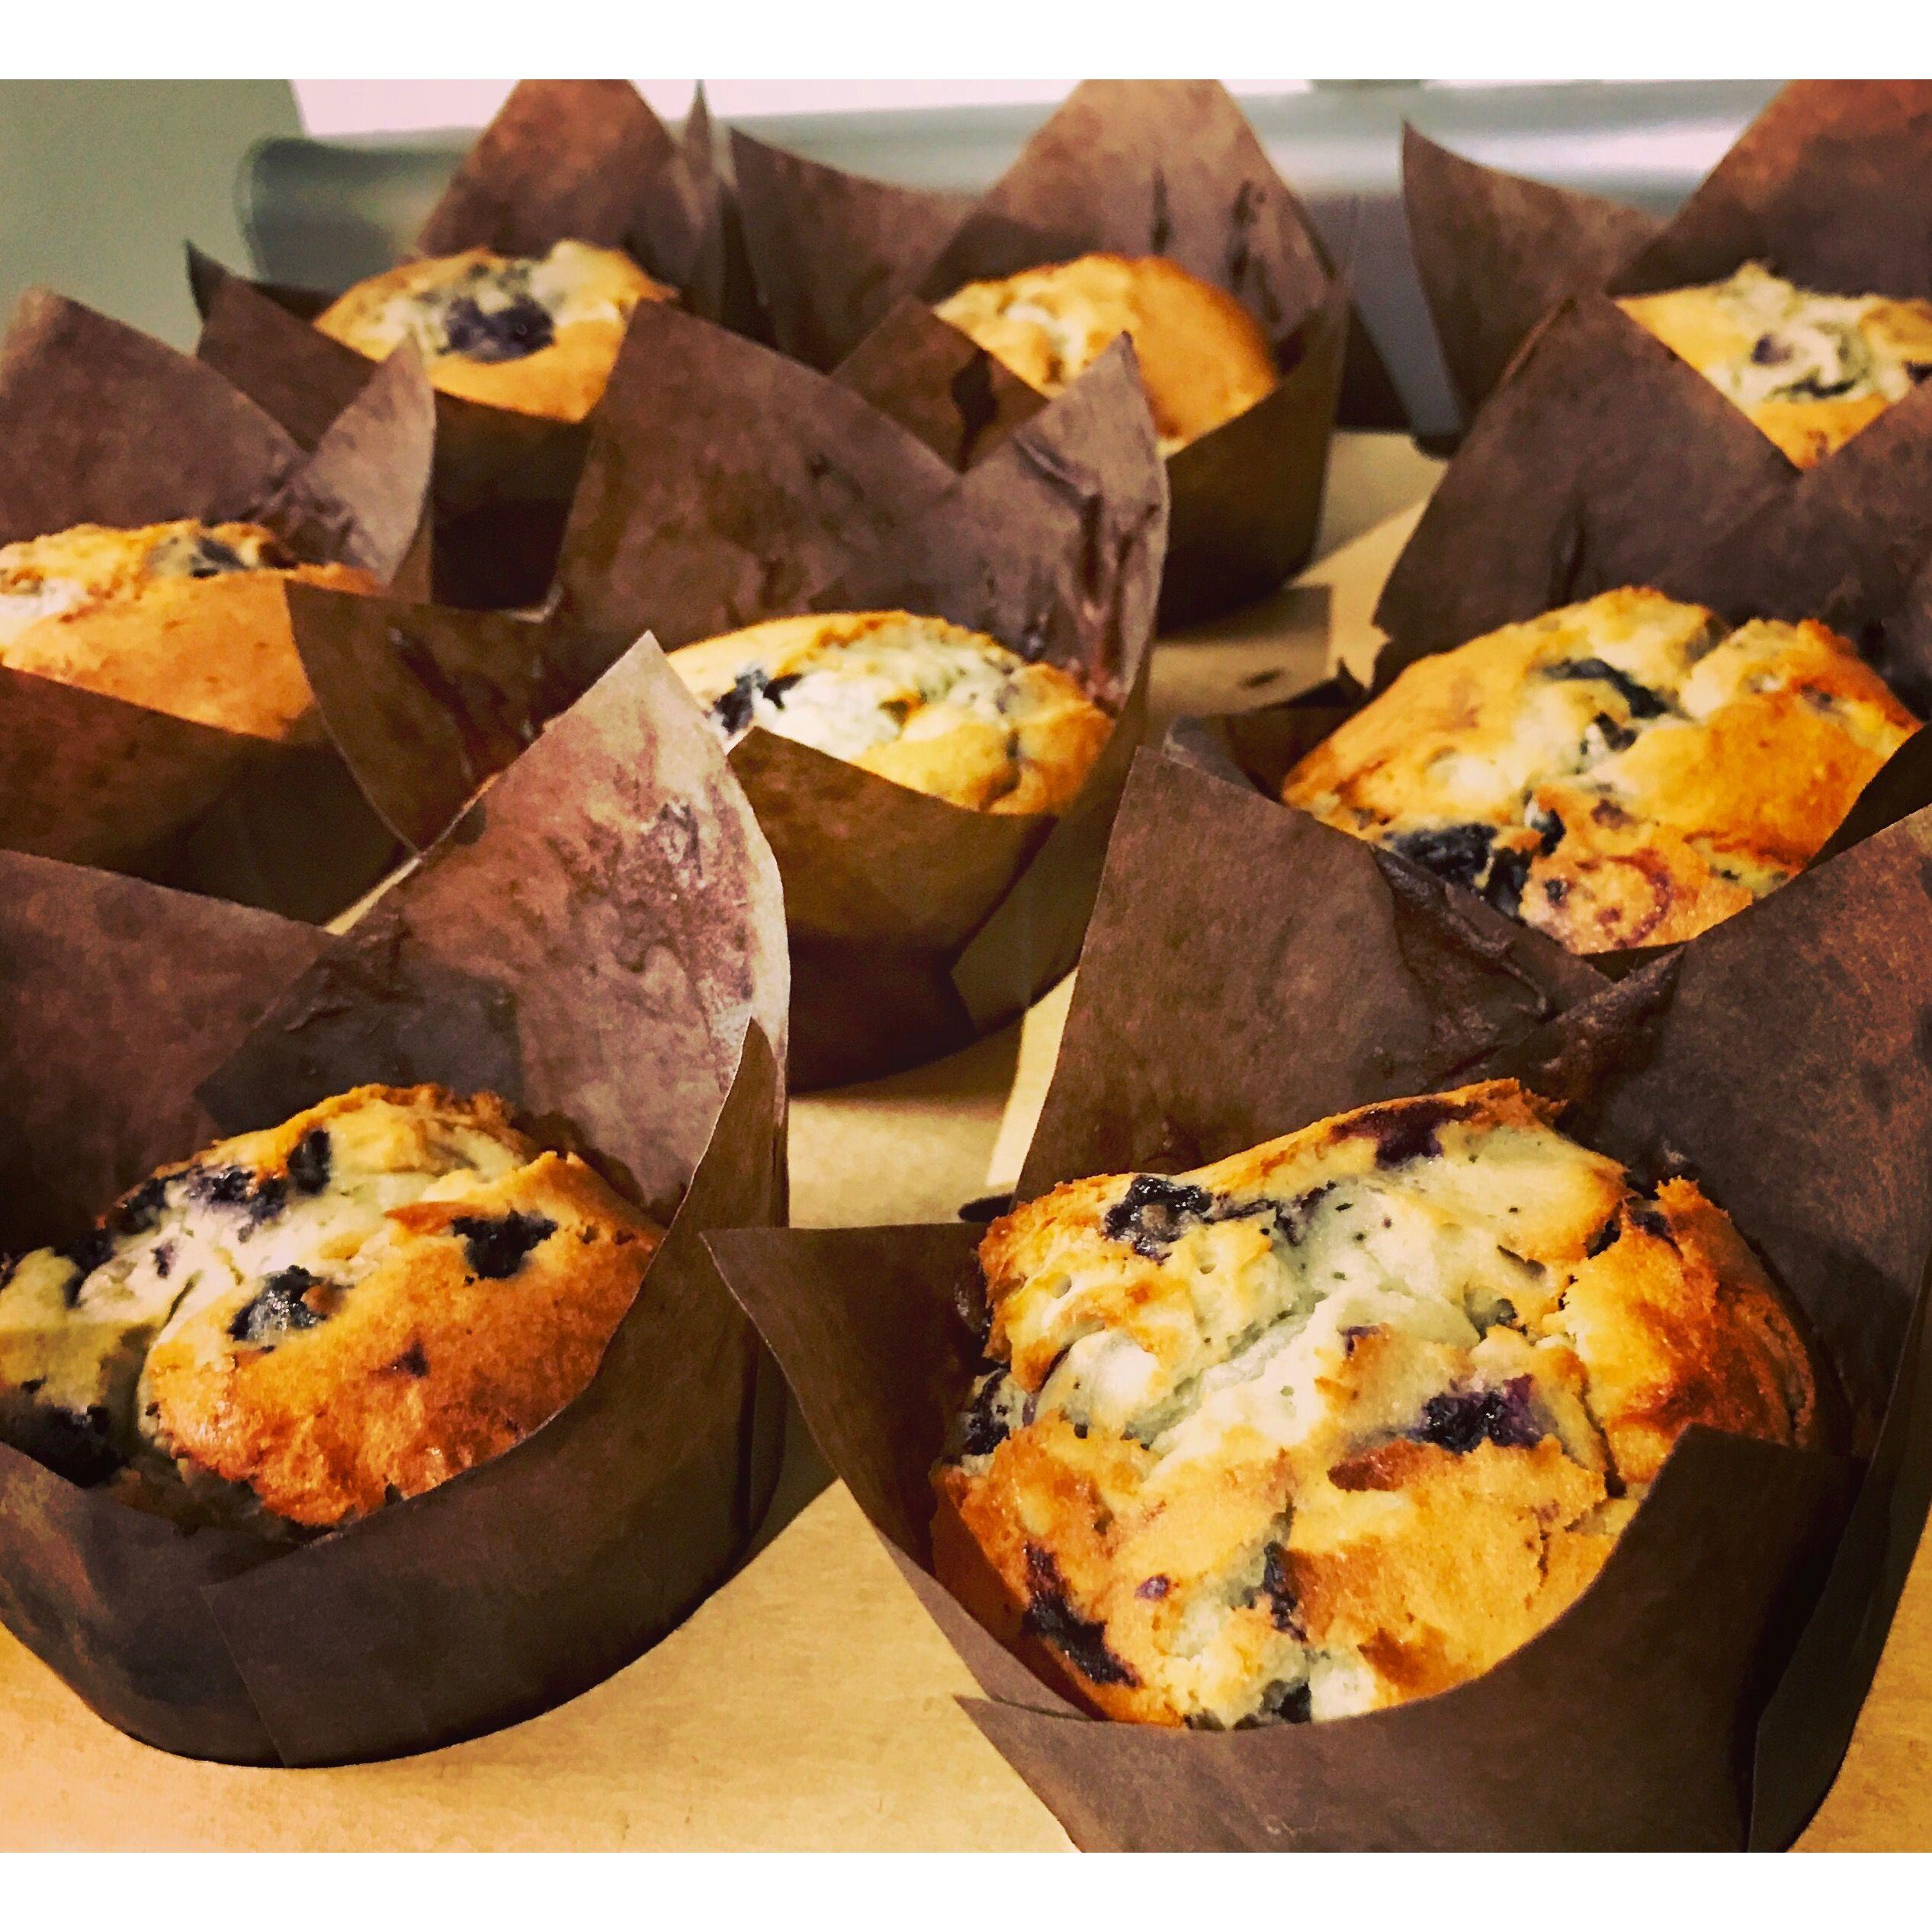 Nouveau dessert disponible à la Maison des Protéines ! (40% de sucre en moins par rapport à une recette classique de Muffin) #dessert #desserts #new #happy #homemade #lowsugar #faitmaison #restaurant #yummy #tasty #delicious #gourmet #excited #lamaisondesproteines #decomplexeurgourmand #healthydessert #restaurant #food #instafood #foodstagram #picoftheday